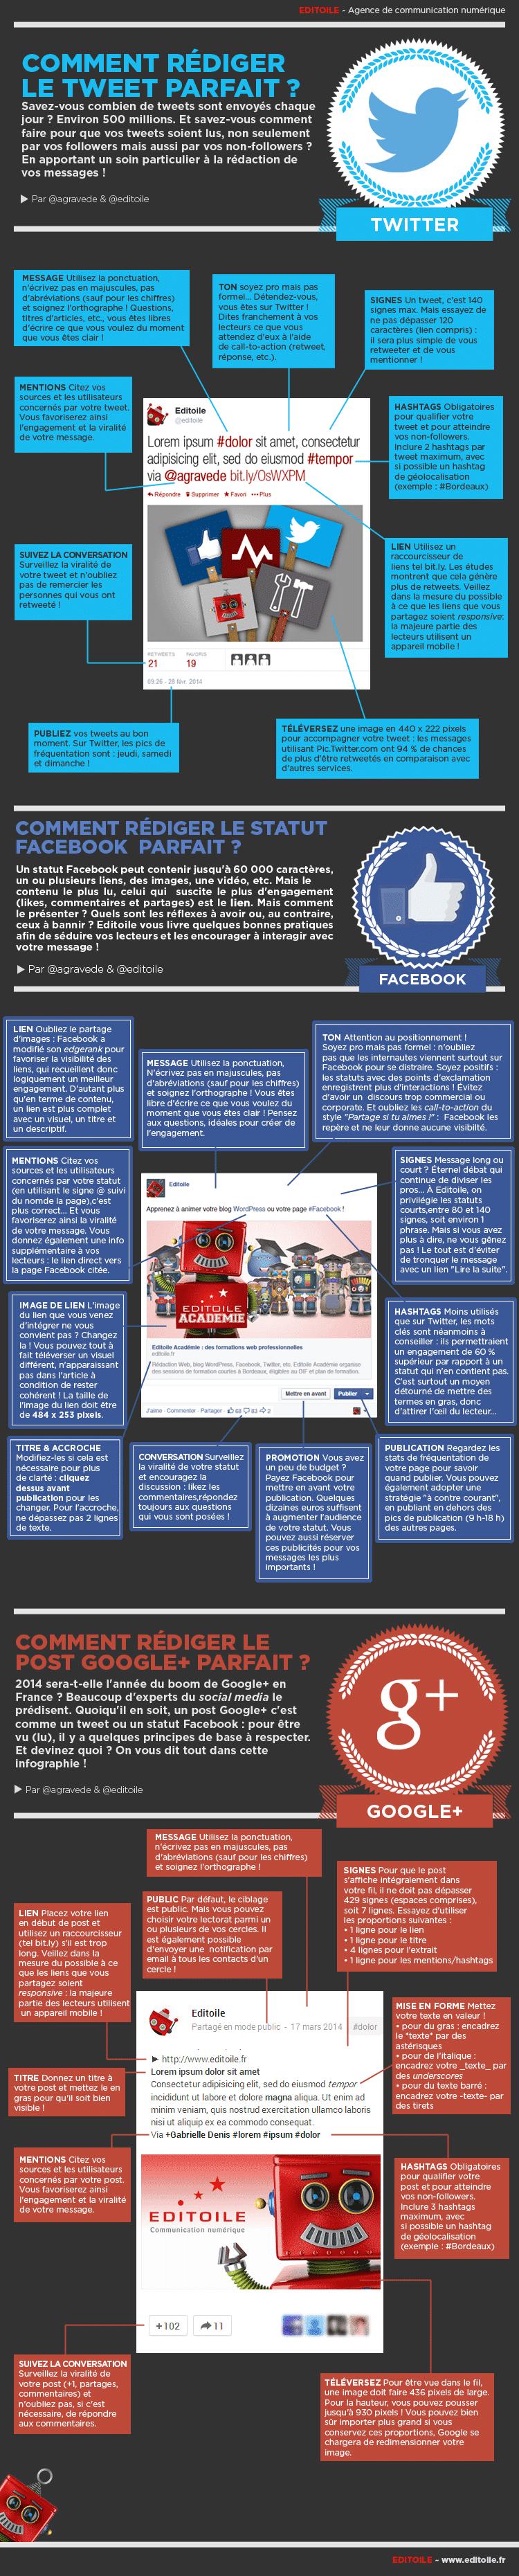 Les 3 infographies Rédiger un post parfait Twitter, Facebook et Google+ en 1 seule infographie